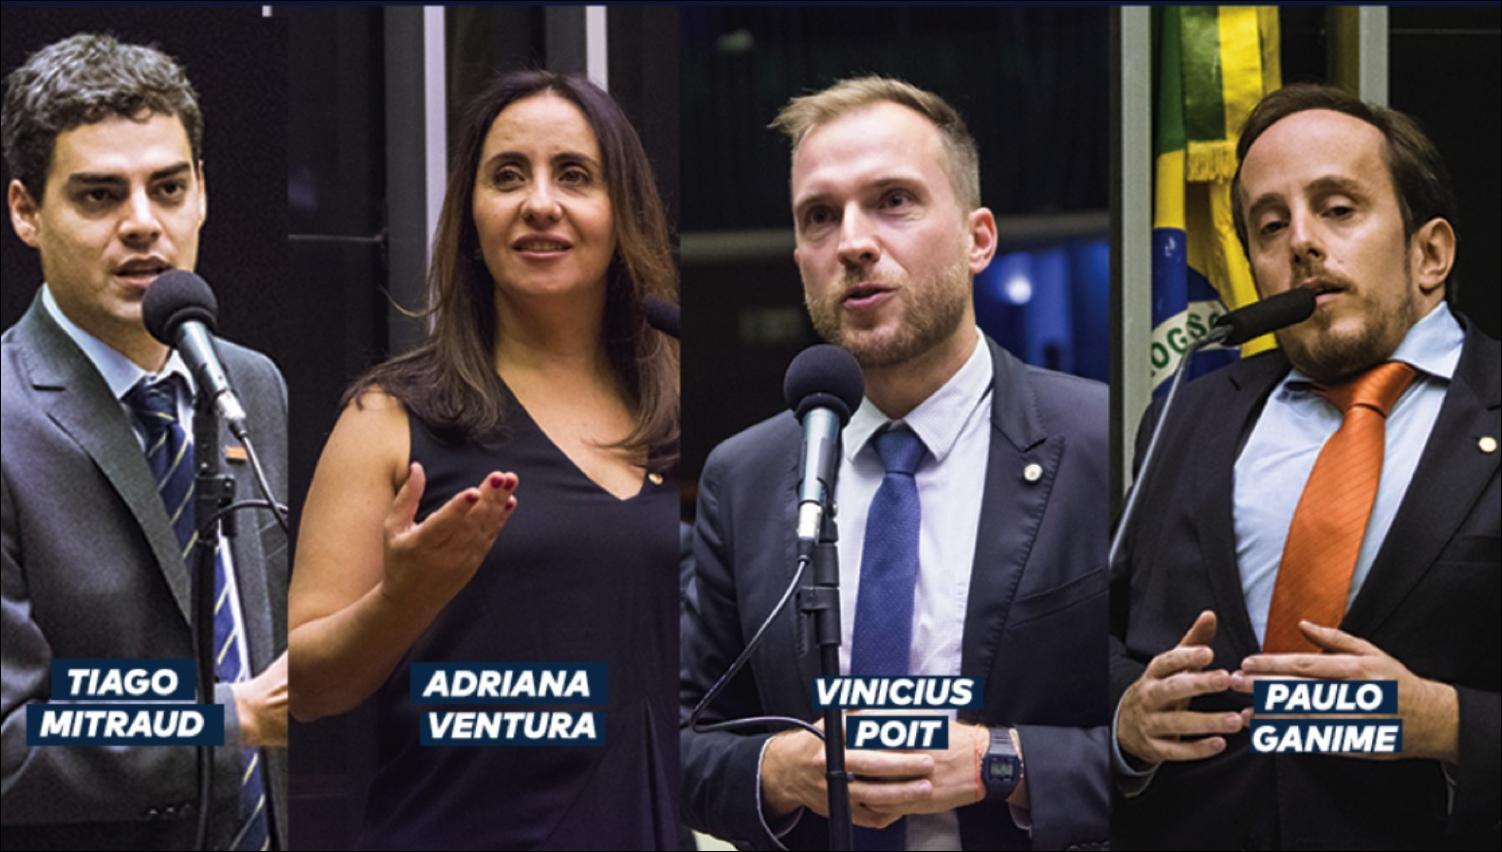 Tiago Mitraud, Adriana Ventura, Vinicius Poit e Paulo Ganime na Comissão Especial da Nova Previdência